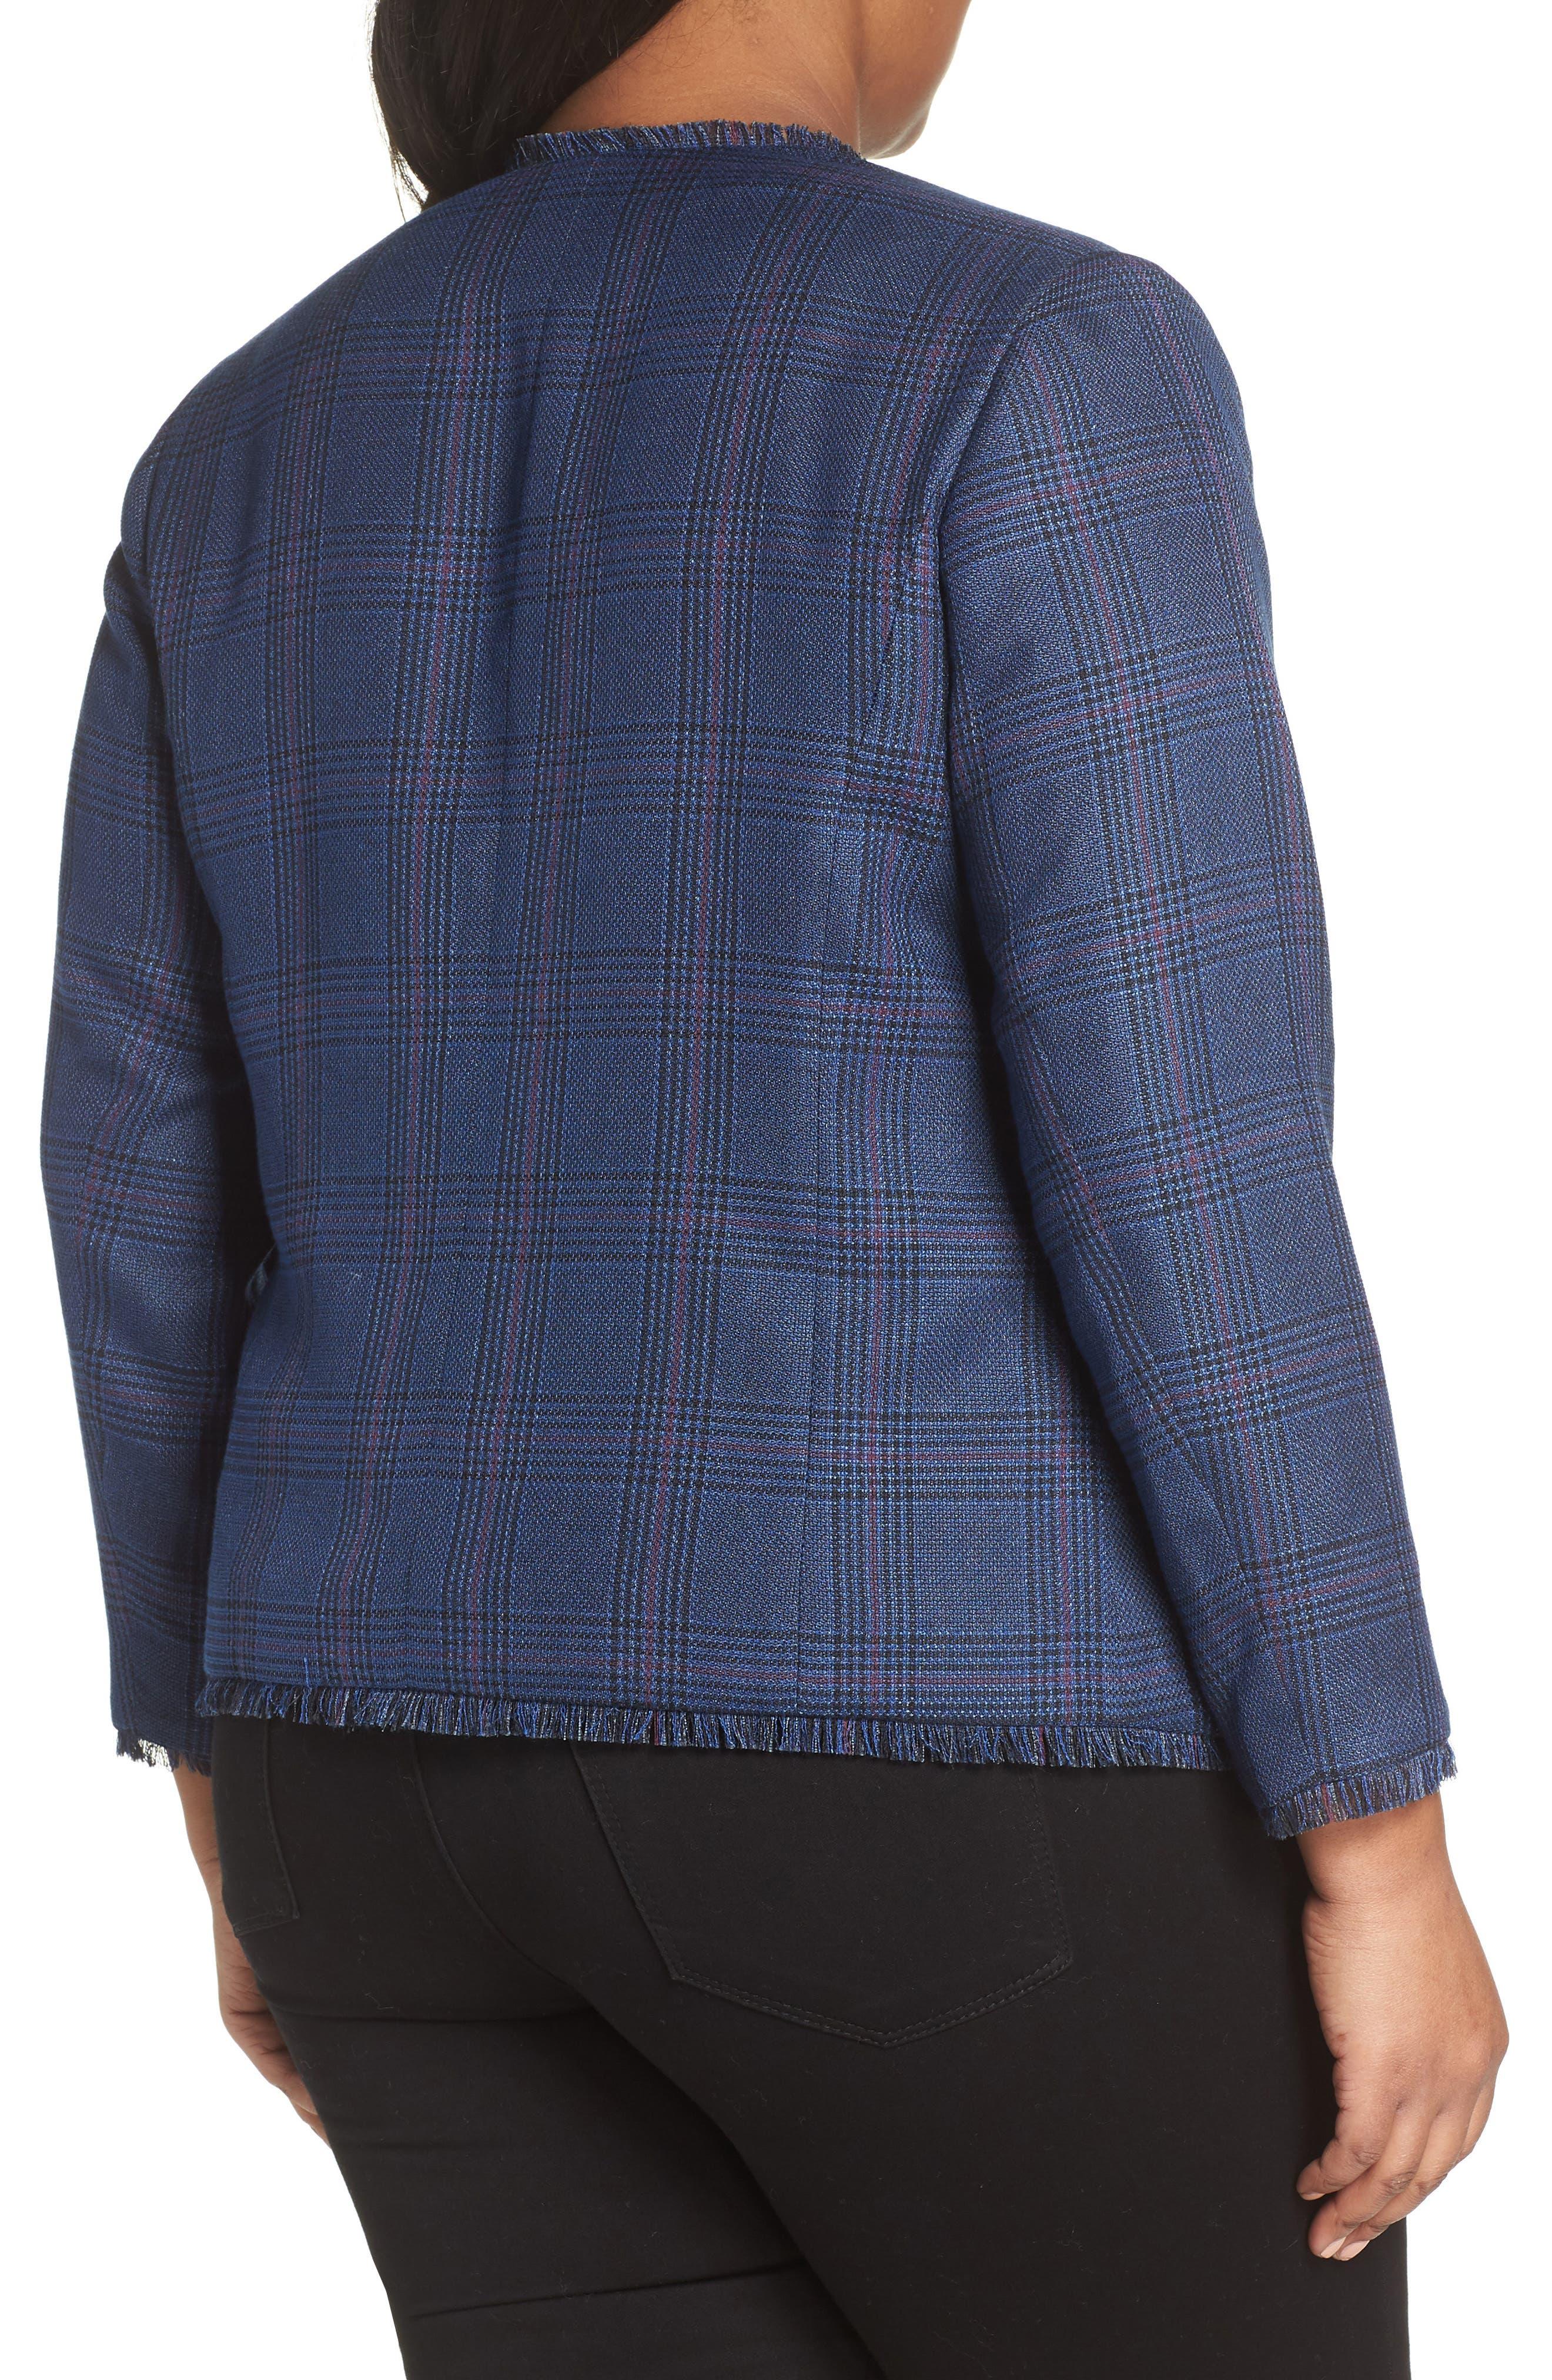 SEJOUR,                             Plaid Tweed Jacket,                             Alternate thumbnail 2, color,                             BLUE SAM PLAID